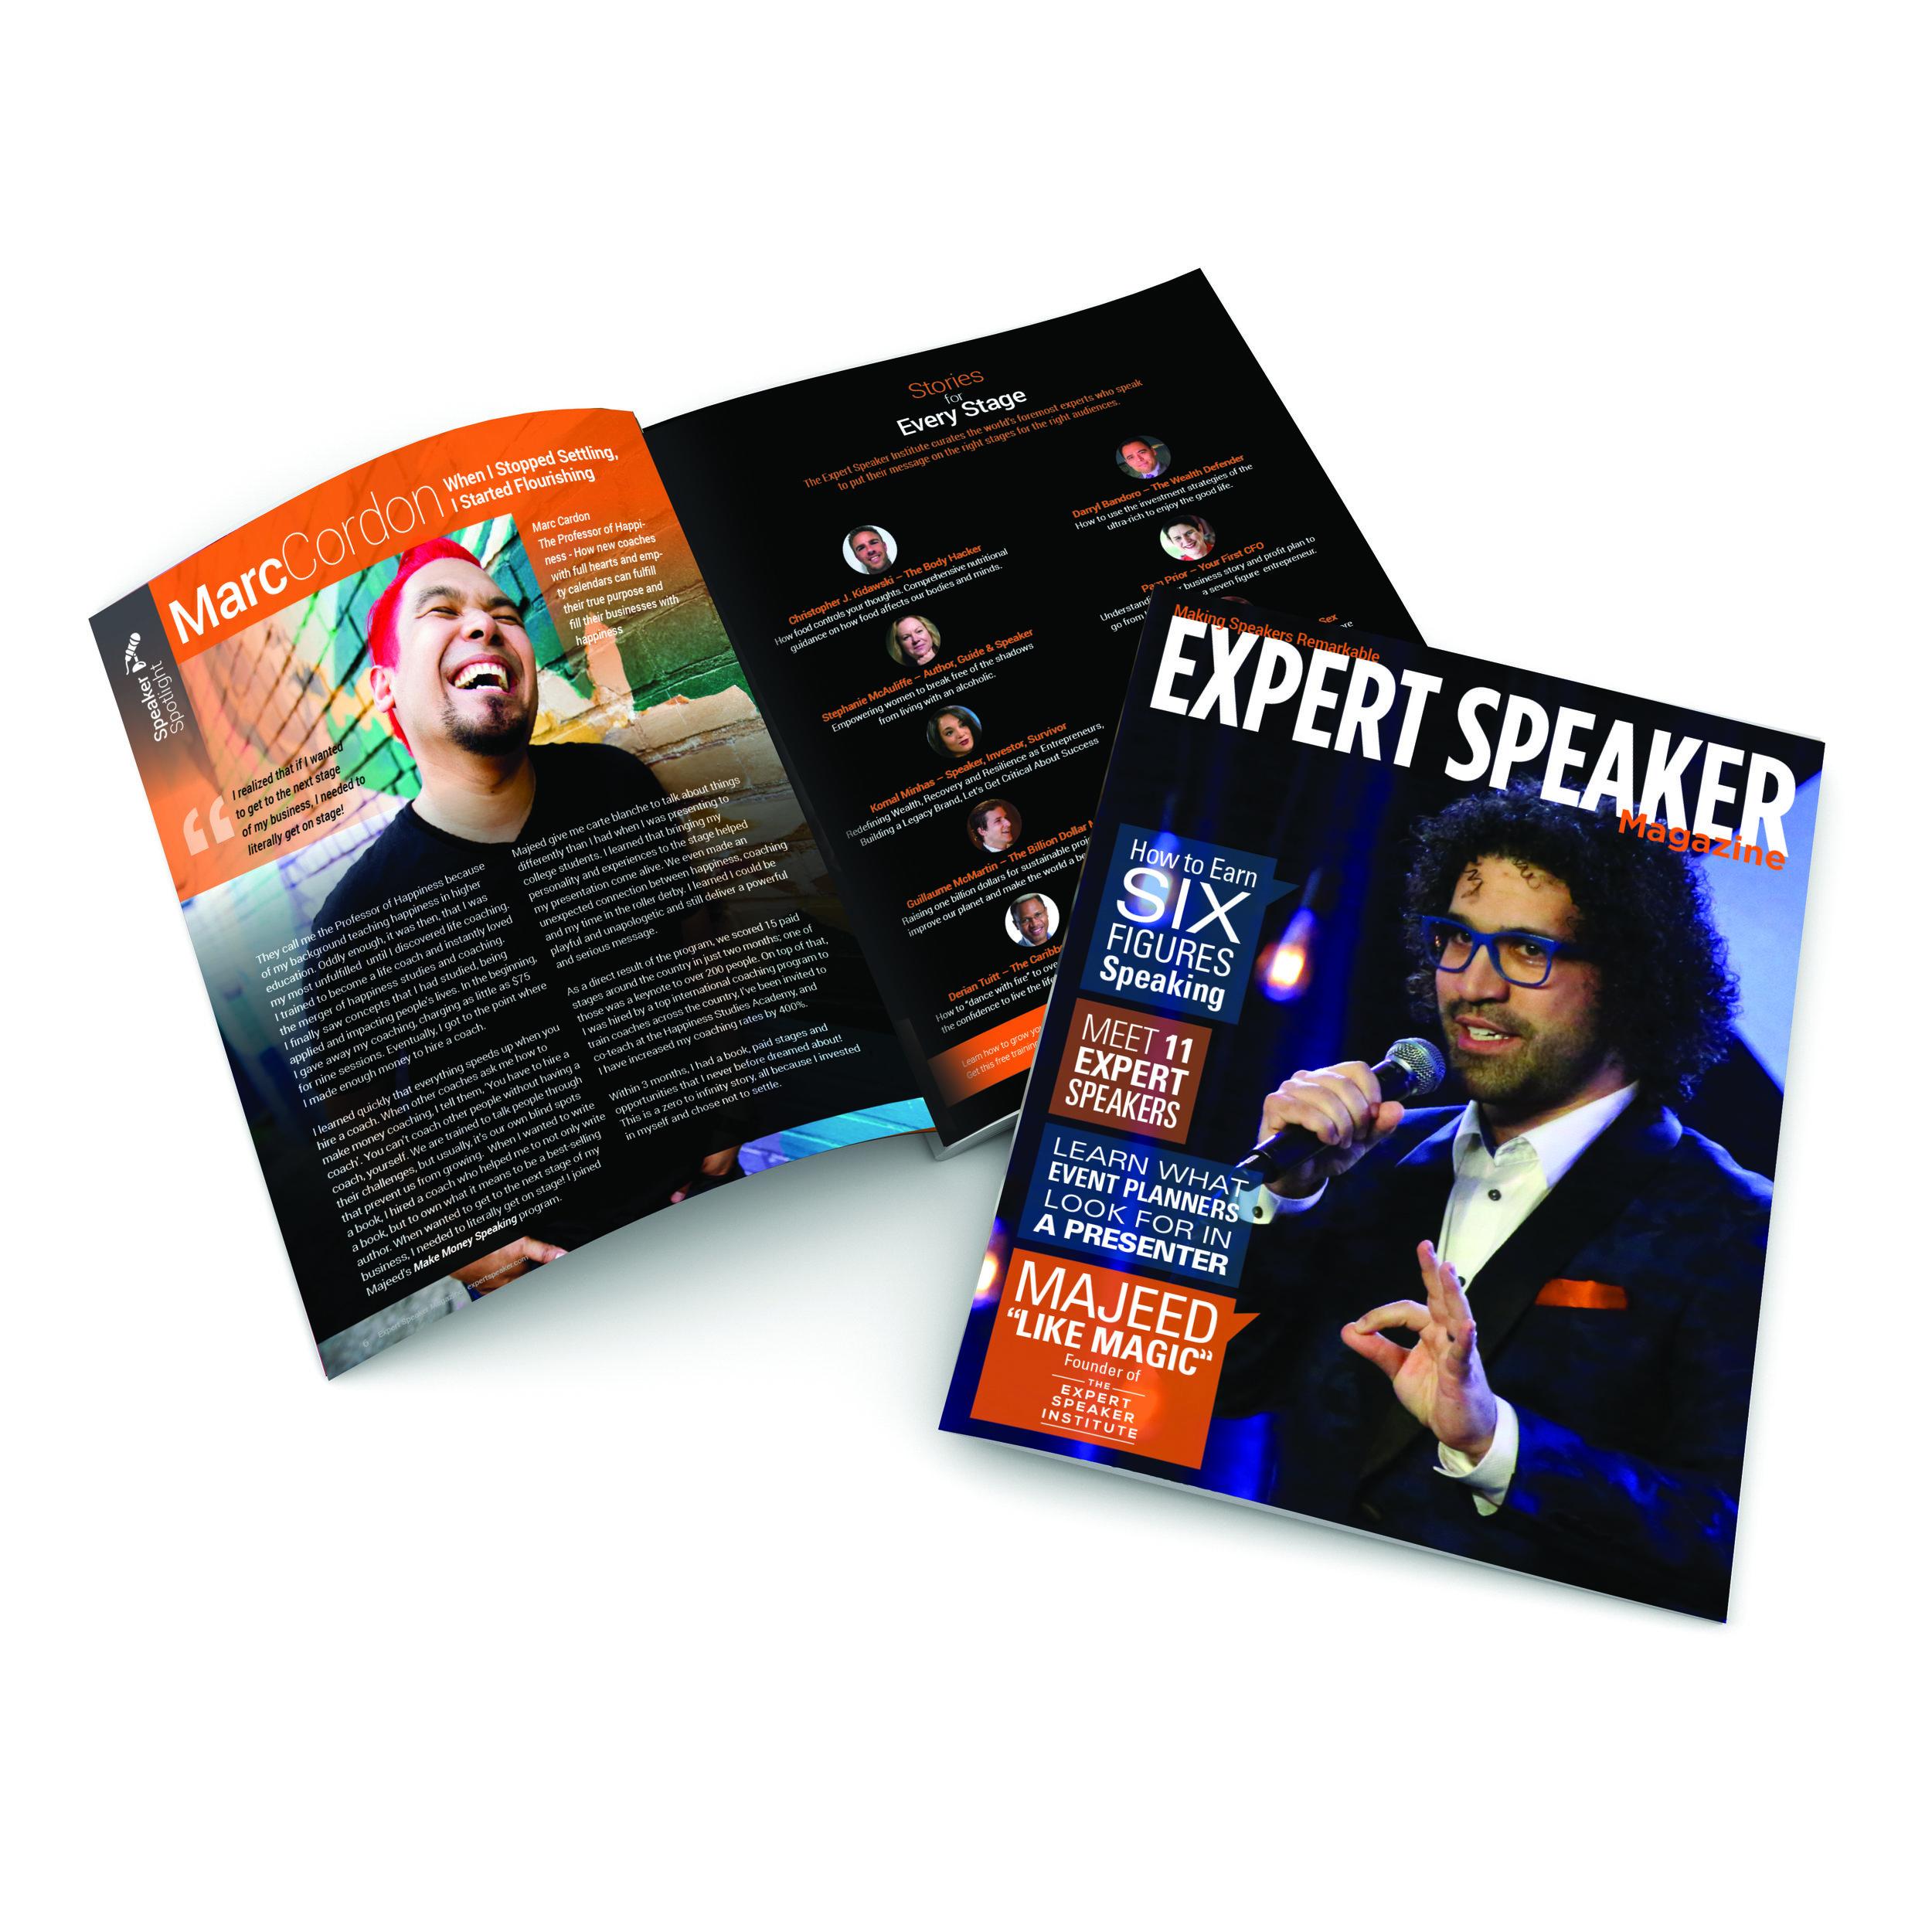 Expert Speaker Magazine